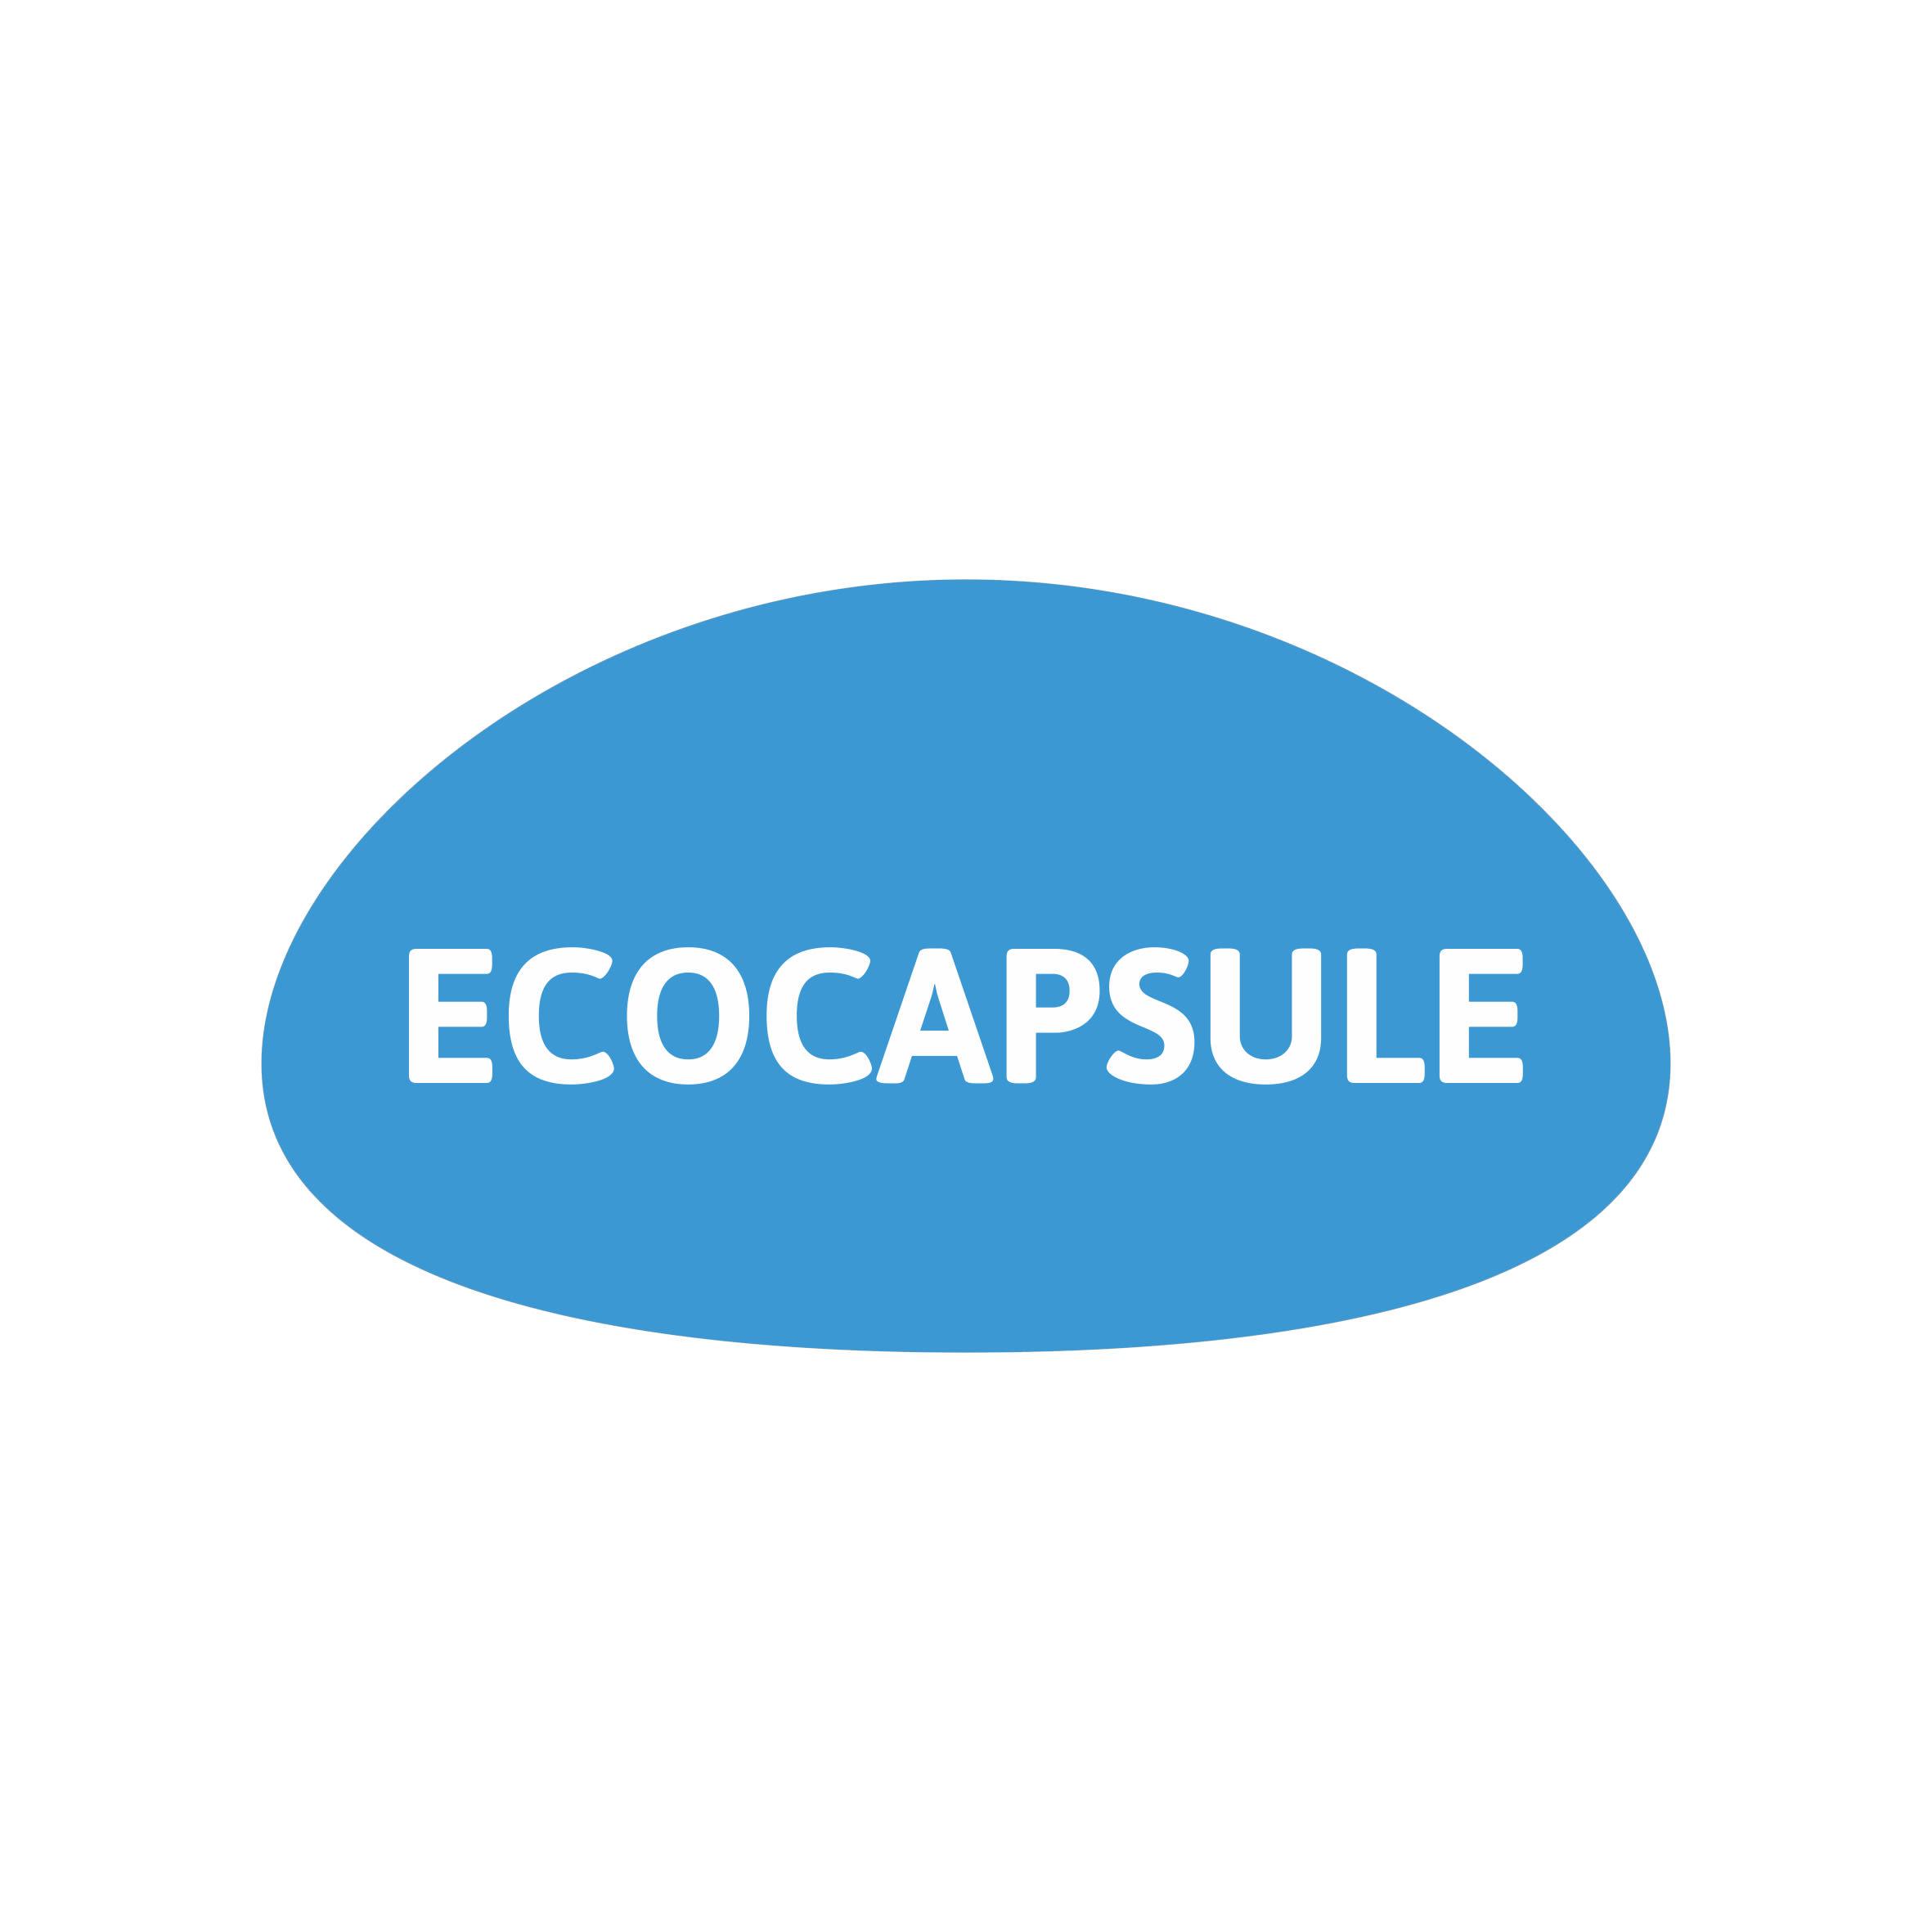 Ecocapsule icon